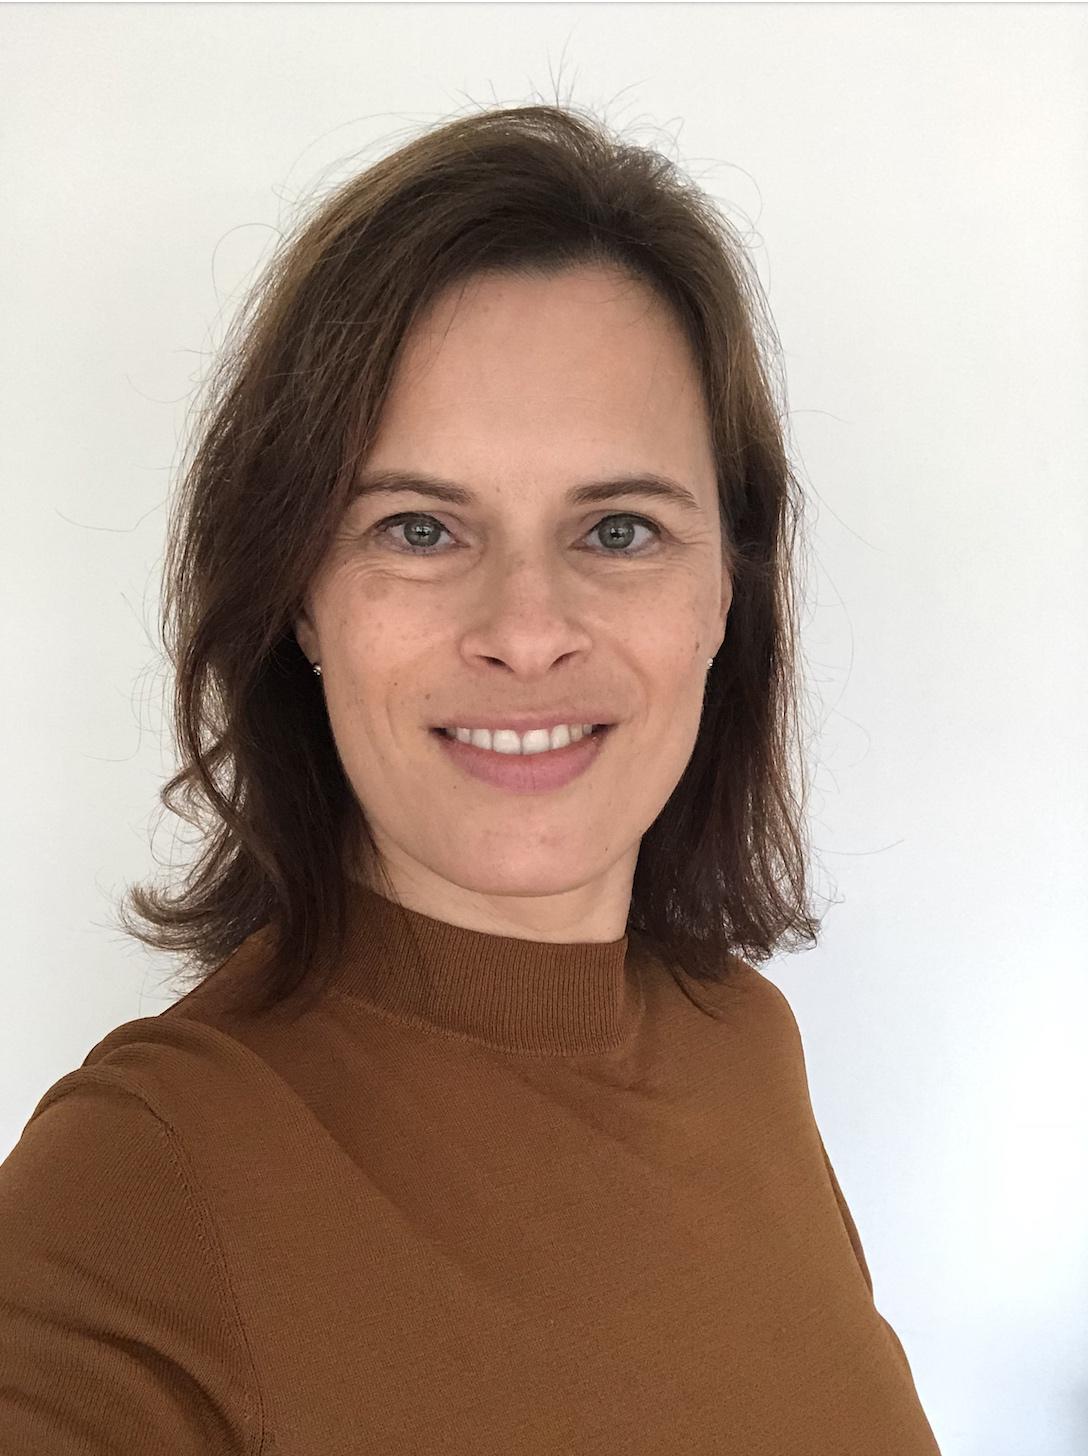 Kristina Heinonen